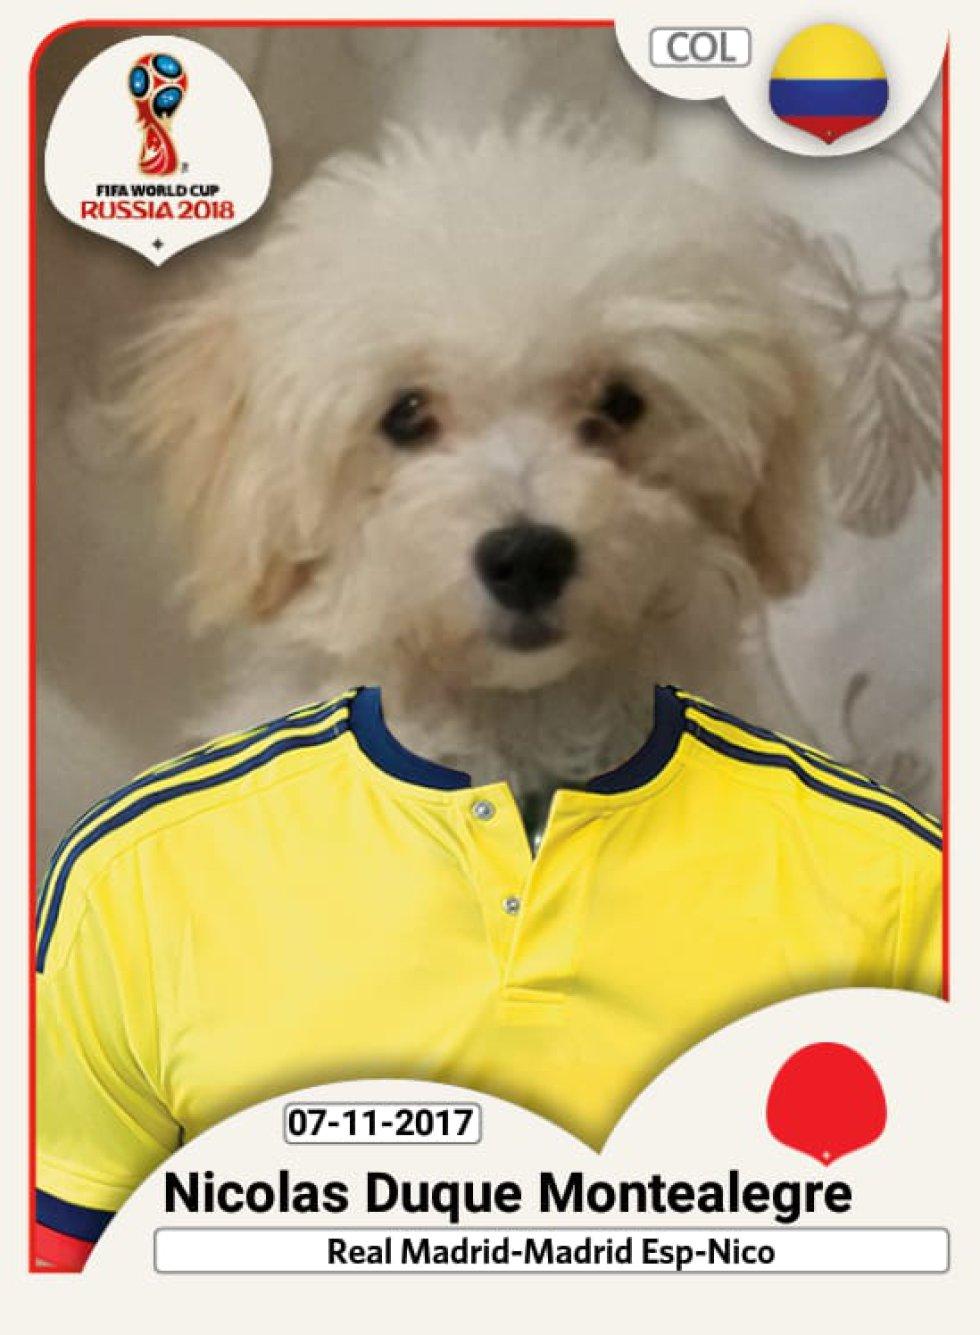 Alejandro Duque nos envía la fotografía de su perro Nicolás